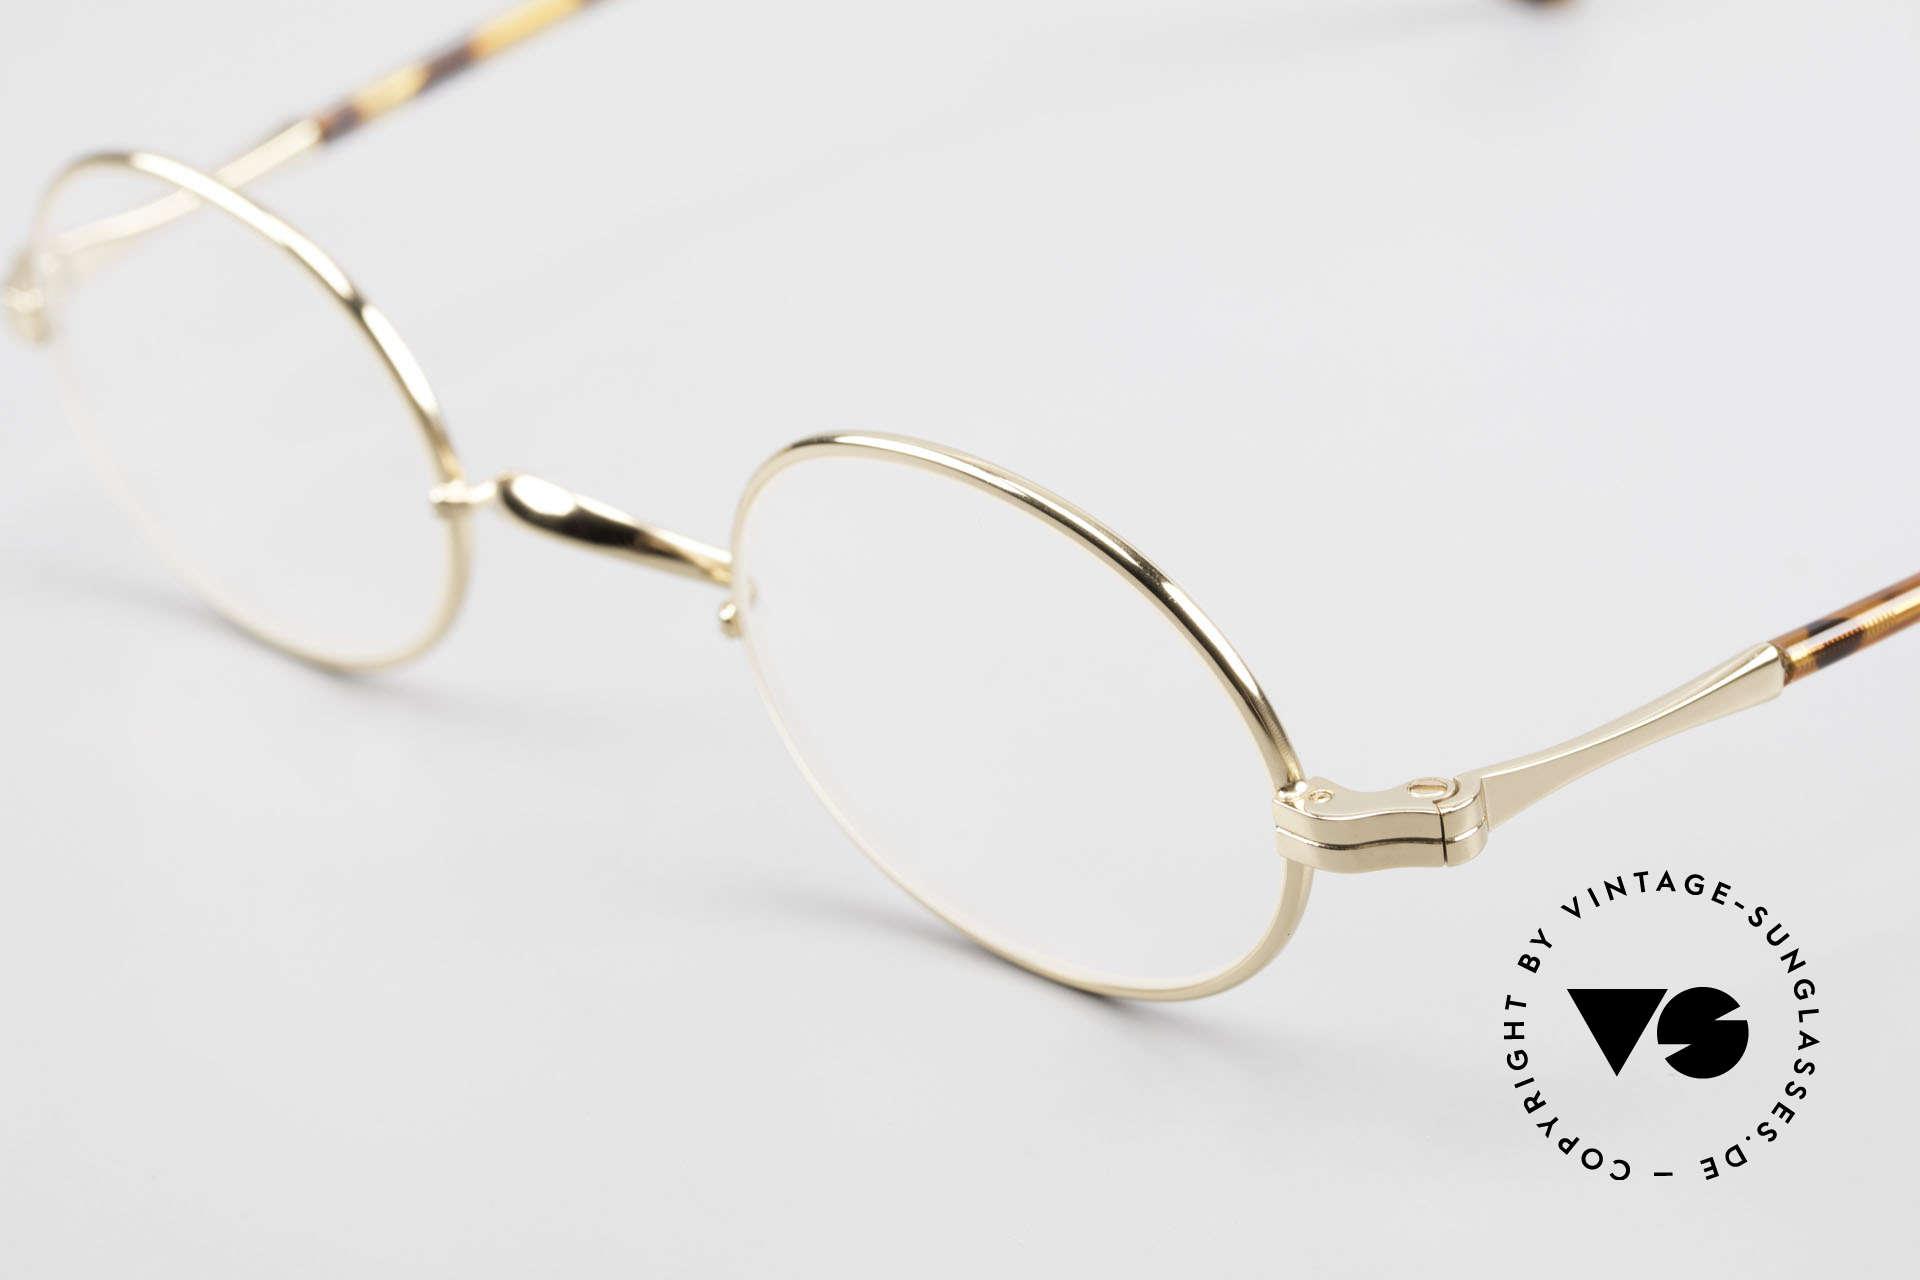 Lunor II A 10 Ovale Vintage Brille Vergoldet, bekannt für den W-Steg und die schlichten Formen, Passend für Herren und Damen